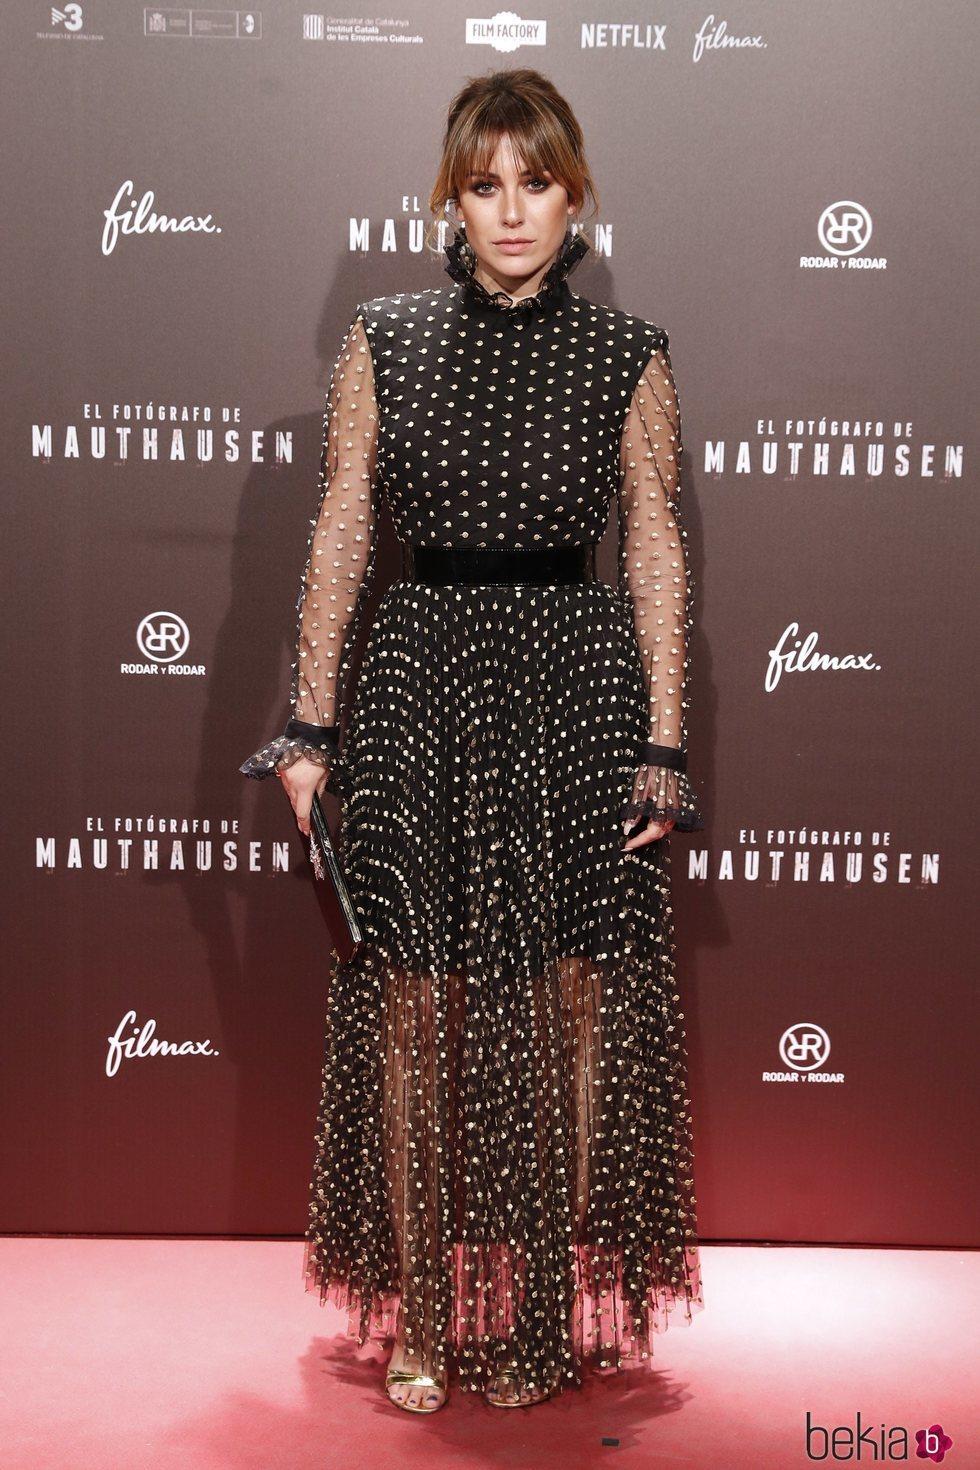 Blanca Suárez en el estreno de la película 'El fotógrafo de Mauthausen'